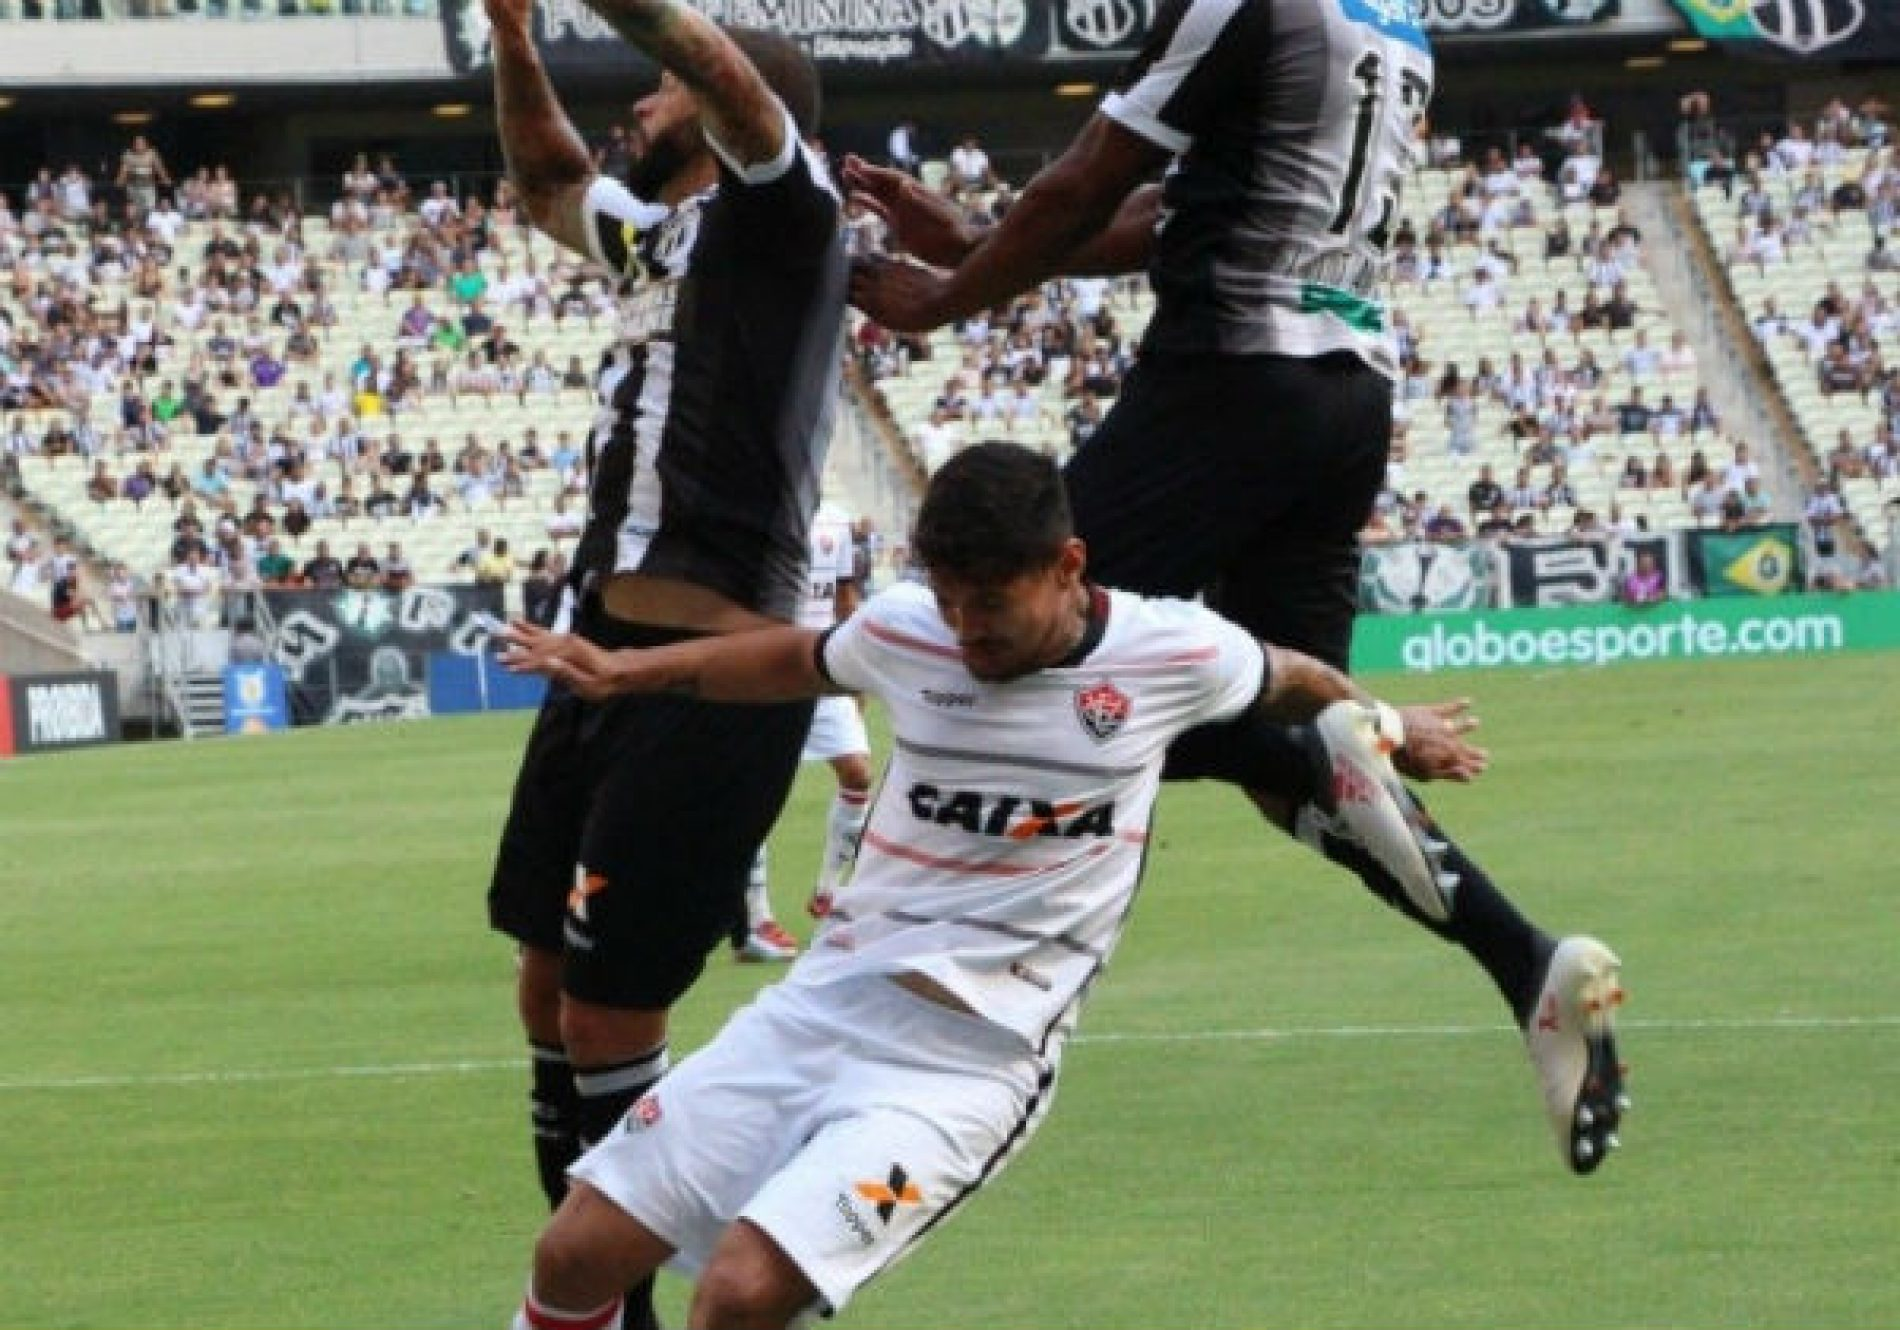 Apático, Vitória é derrotado pelo Ceará por 2 a 0 fora de casa